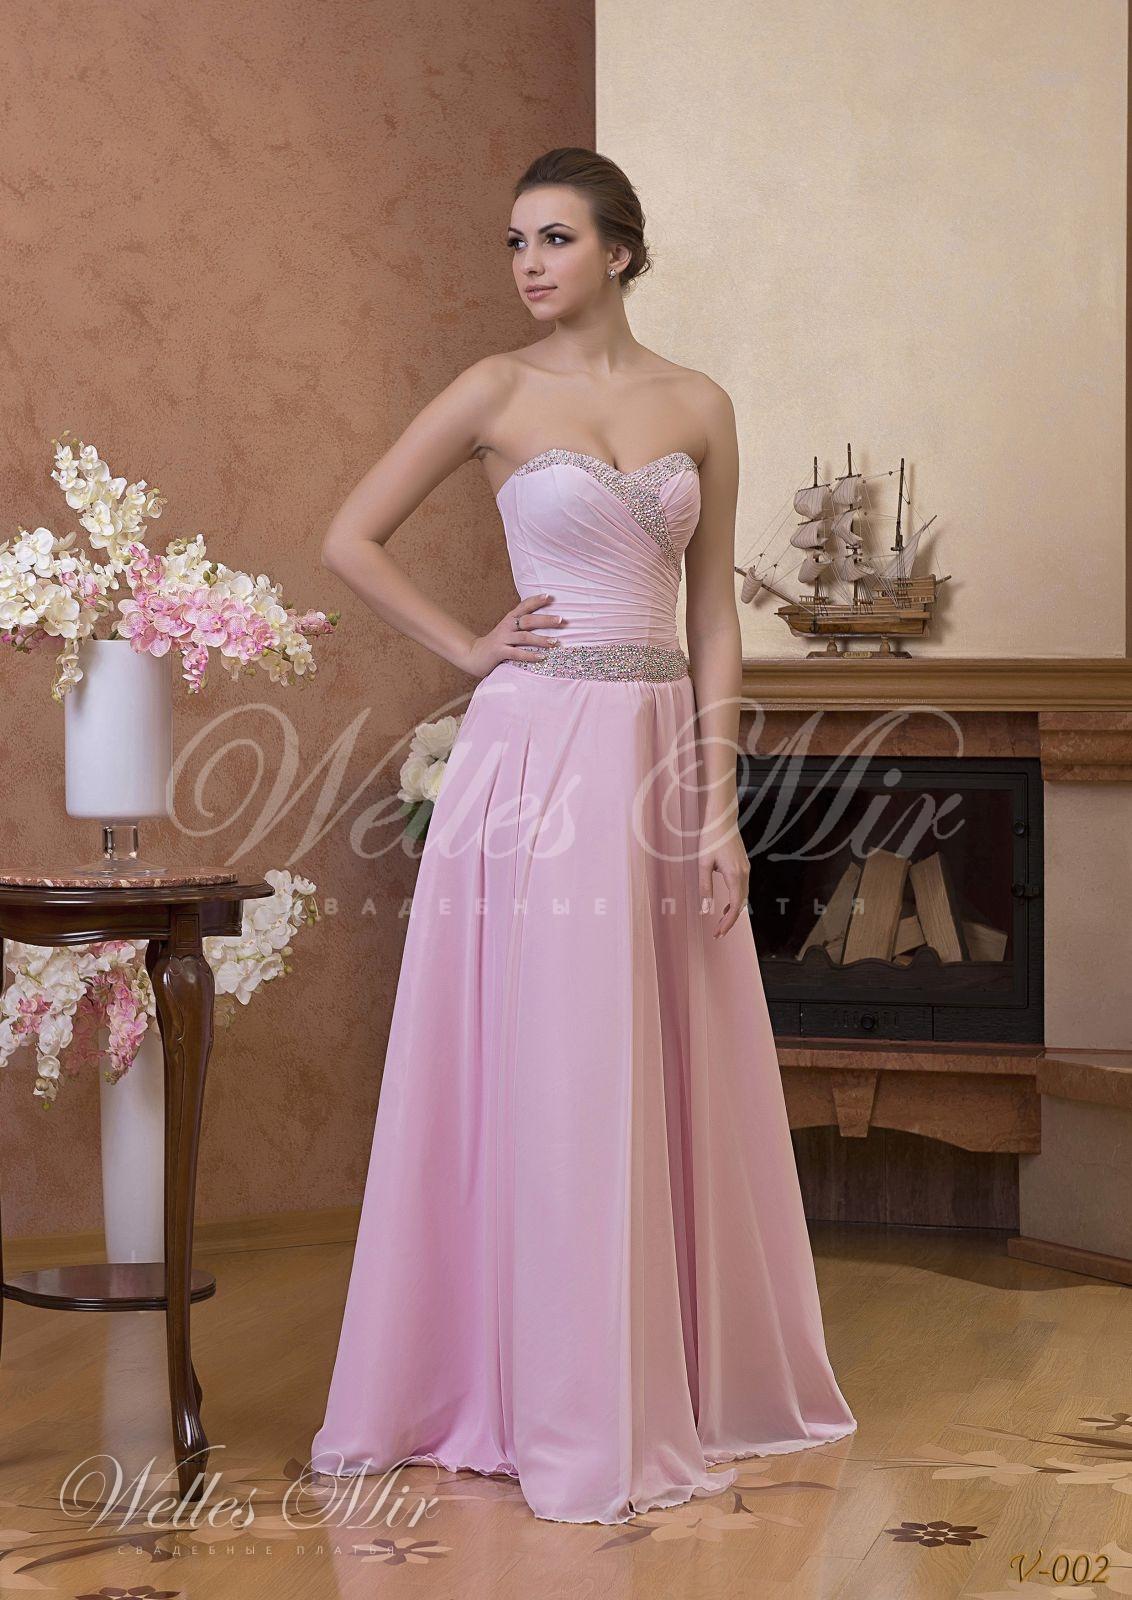 Вечерние платья Вечерние платья - V-002